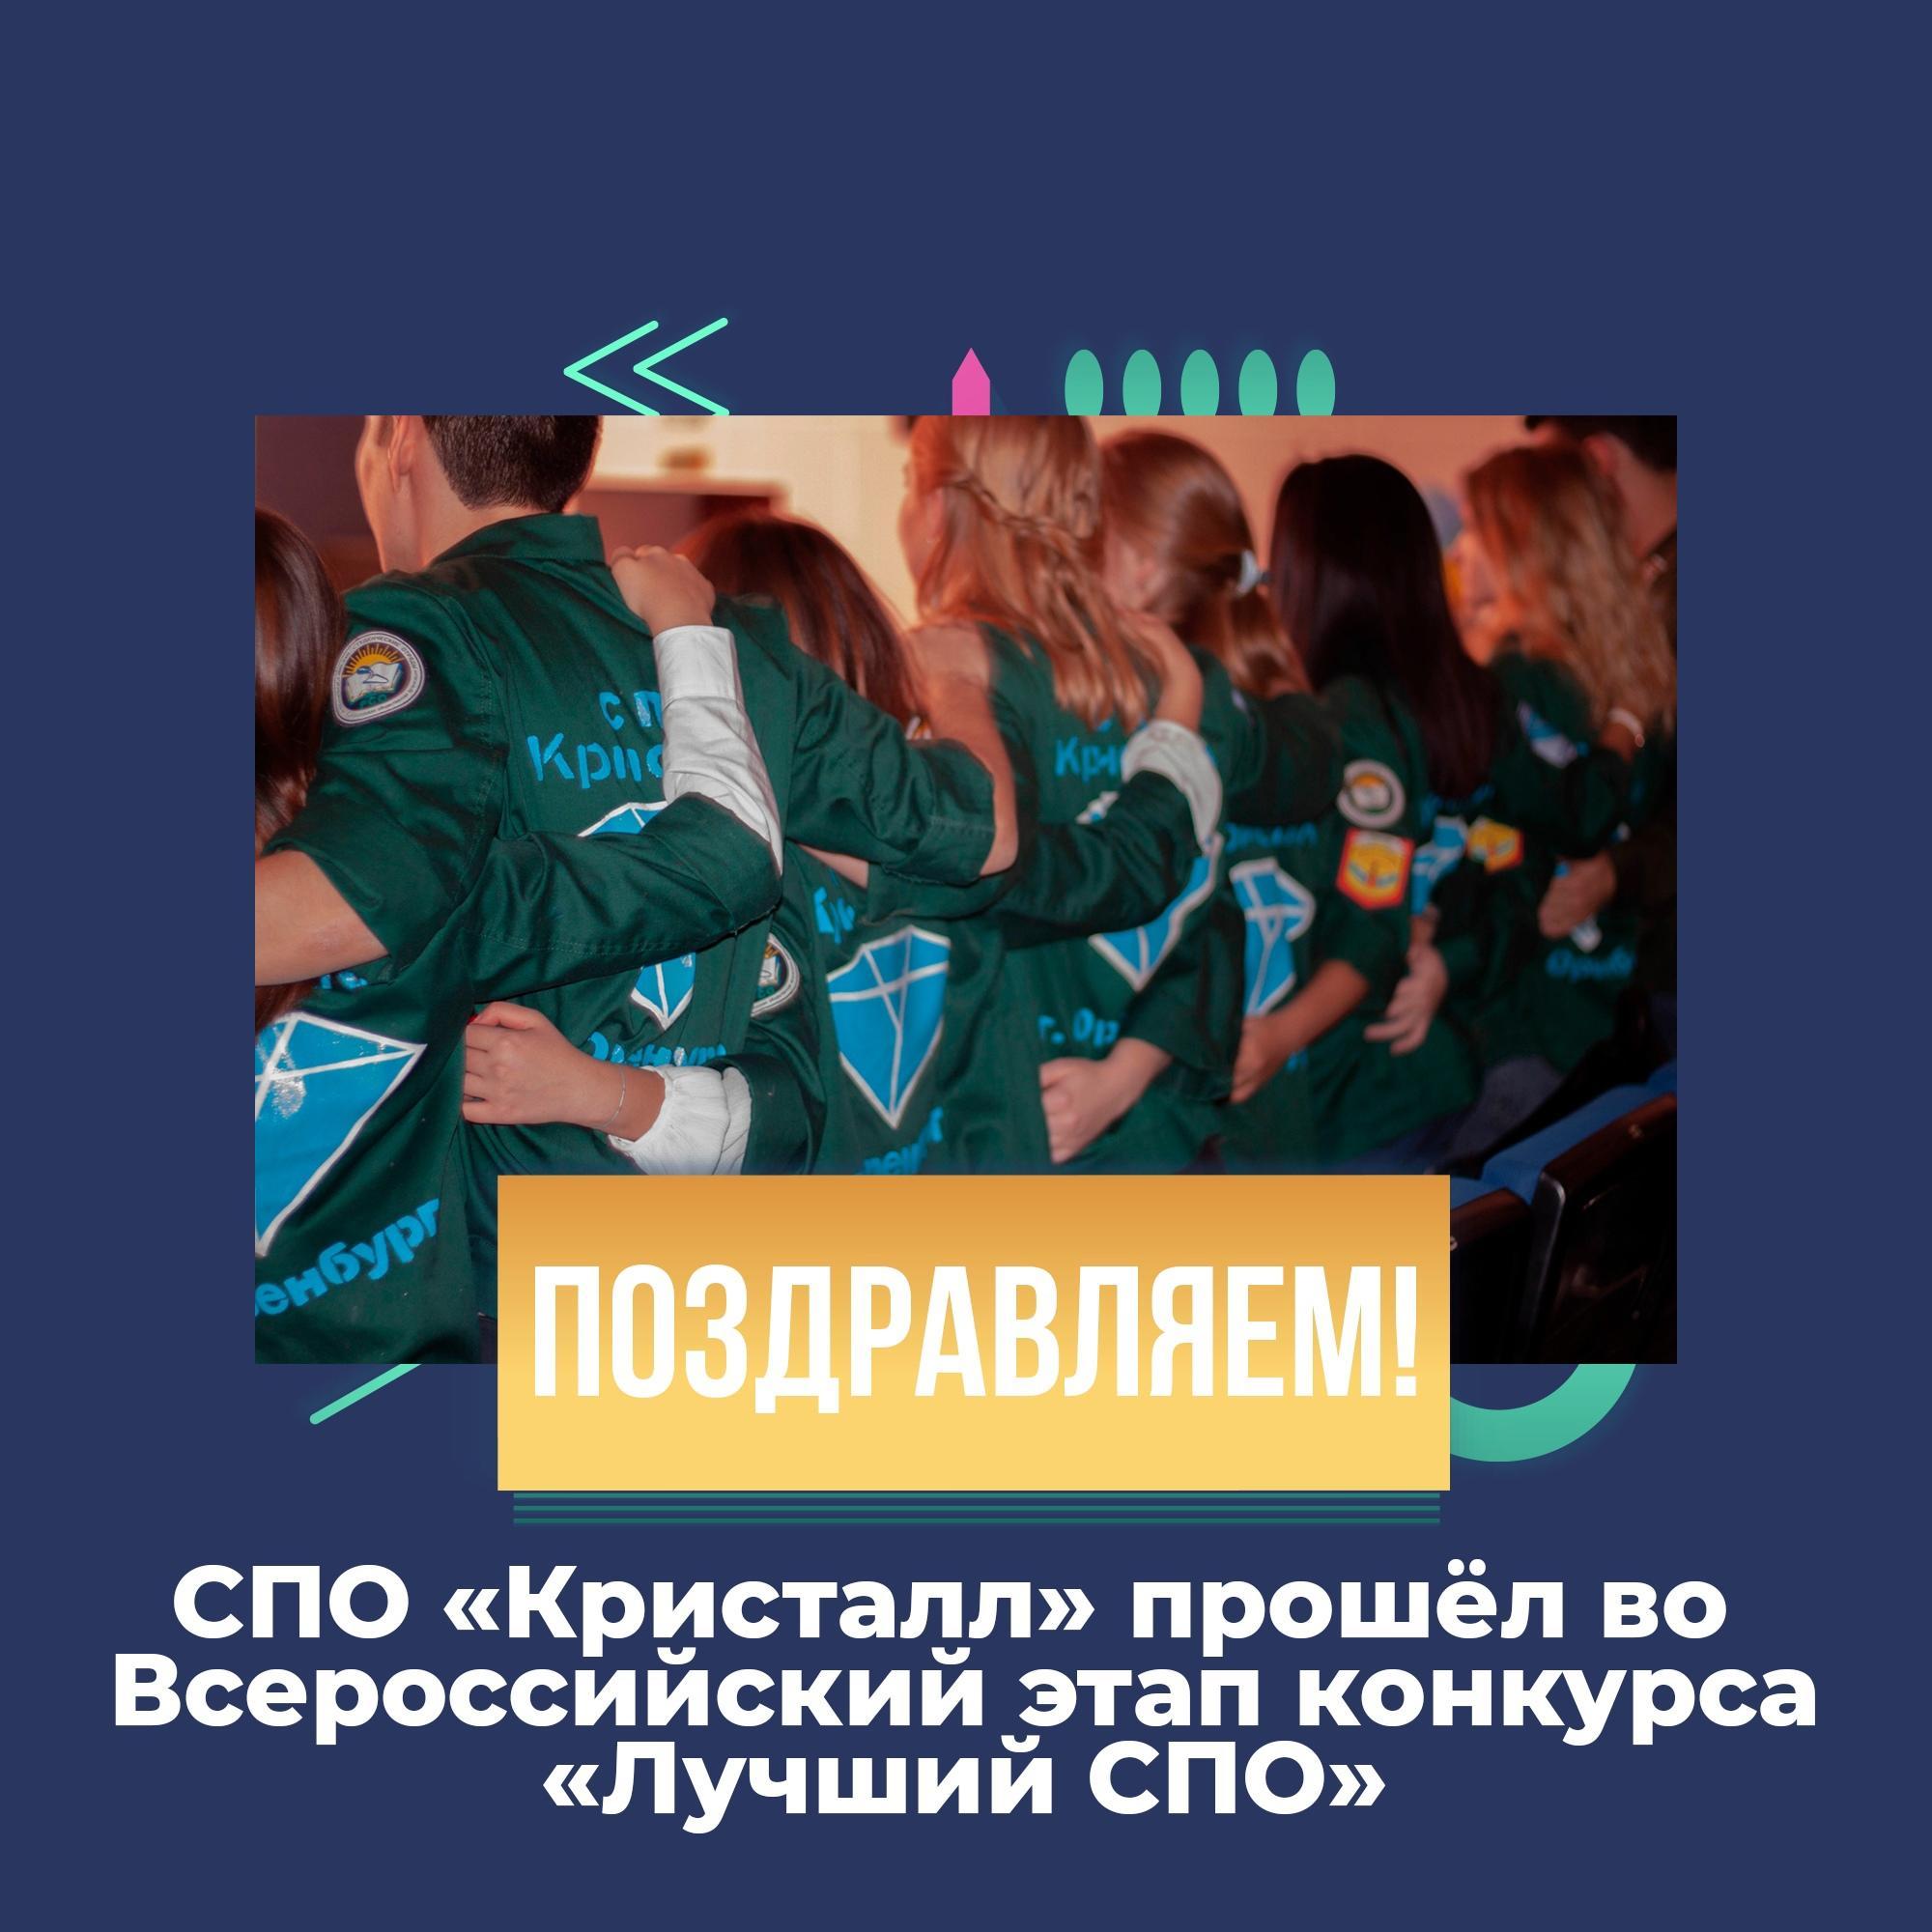 Педагогический отряд «Кристалл» участвует во Всероссийском конкурсе «Лучший СПО»